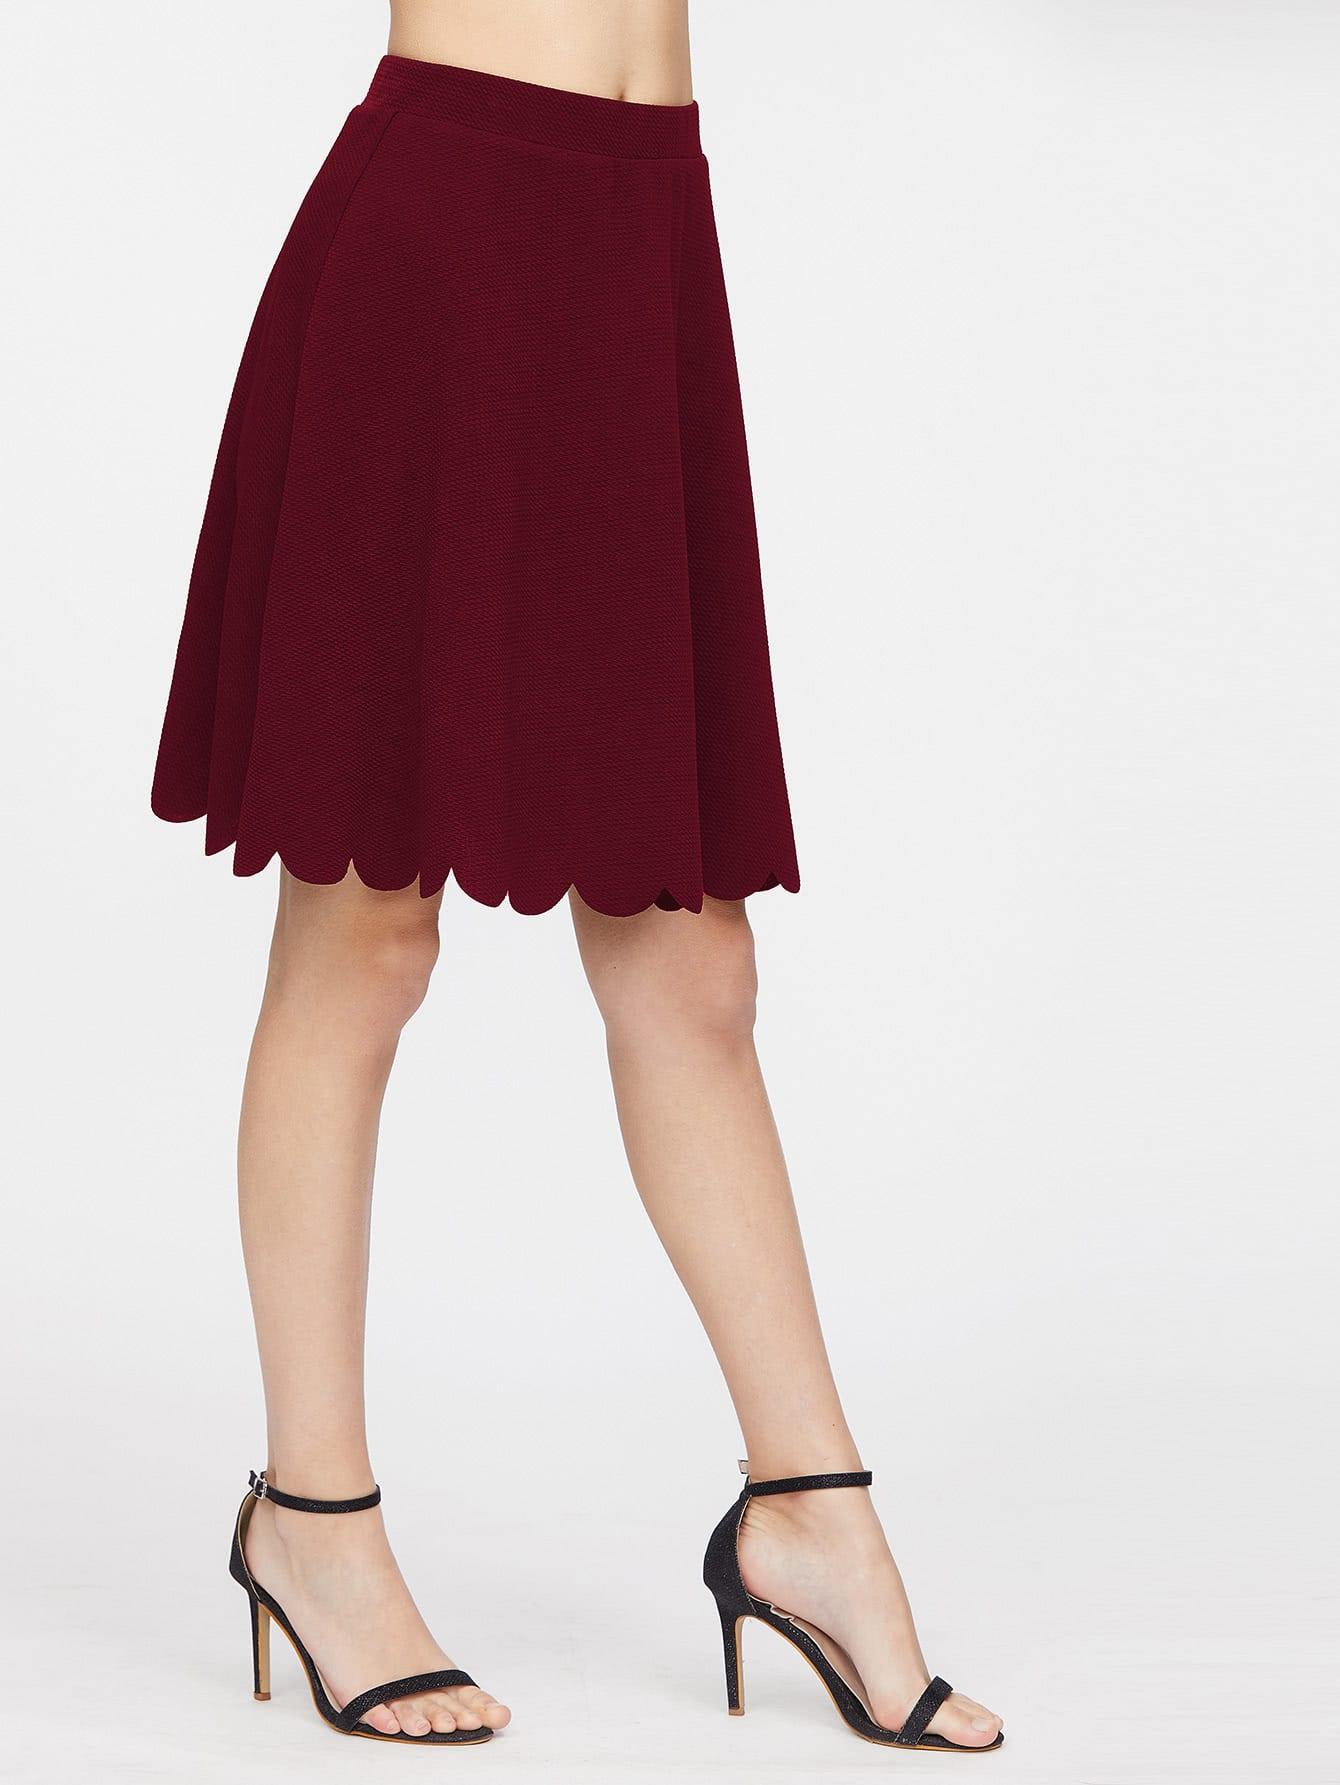 Купить Модная юбка с фестонами и эластичной талией, Jovana, SheIn